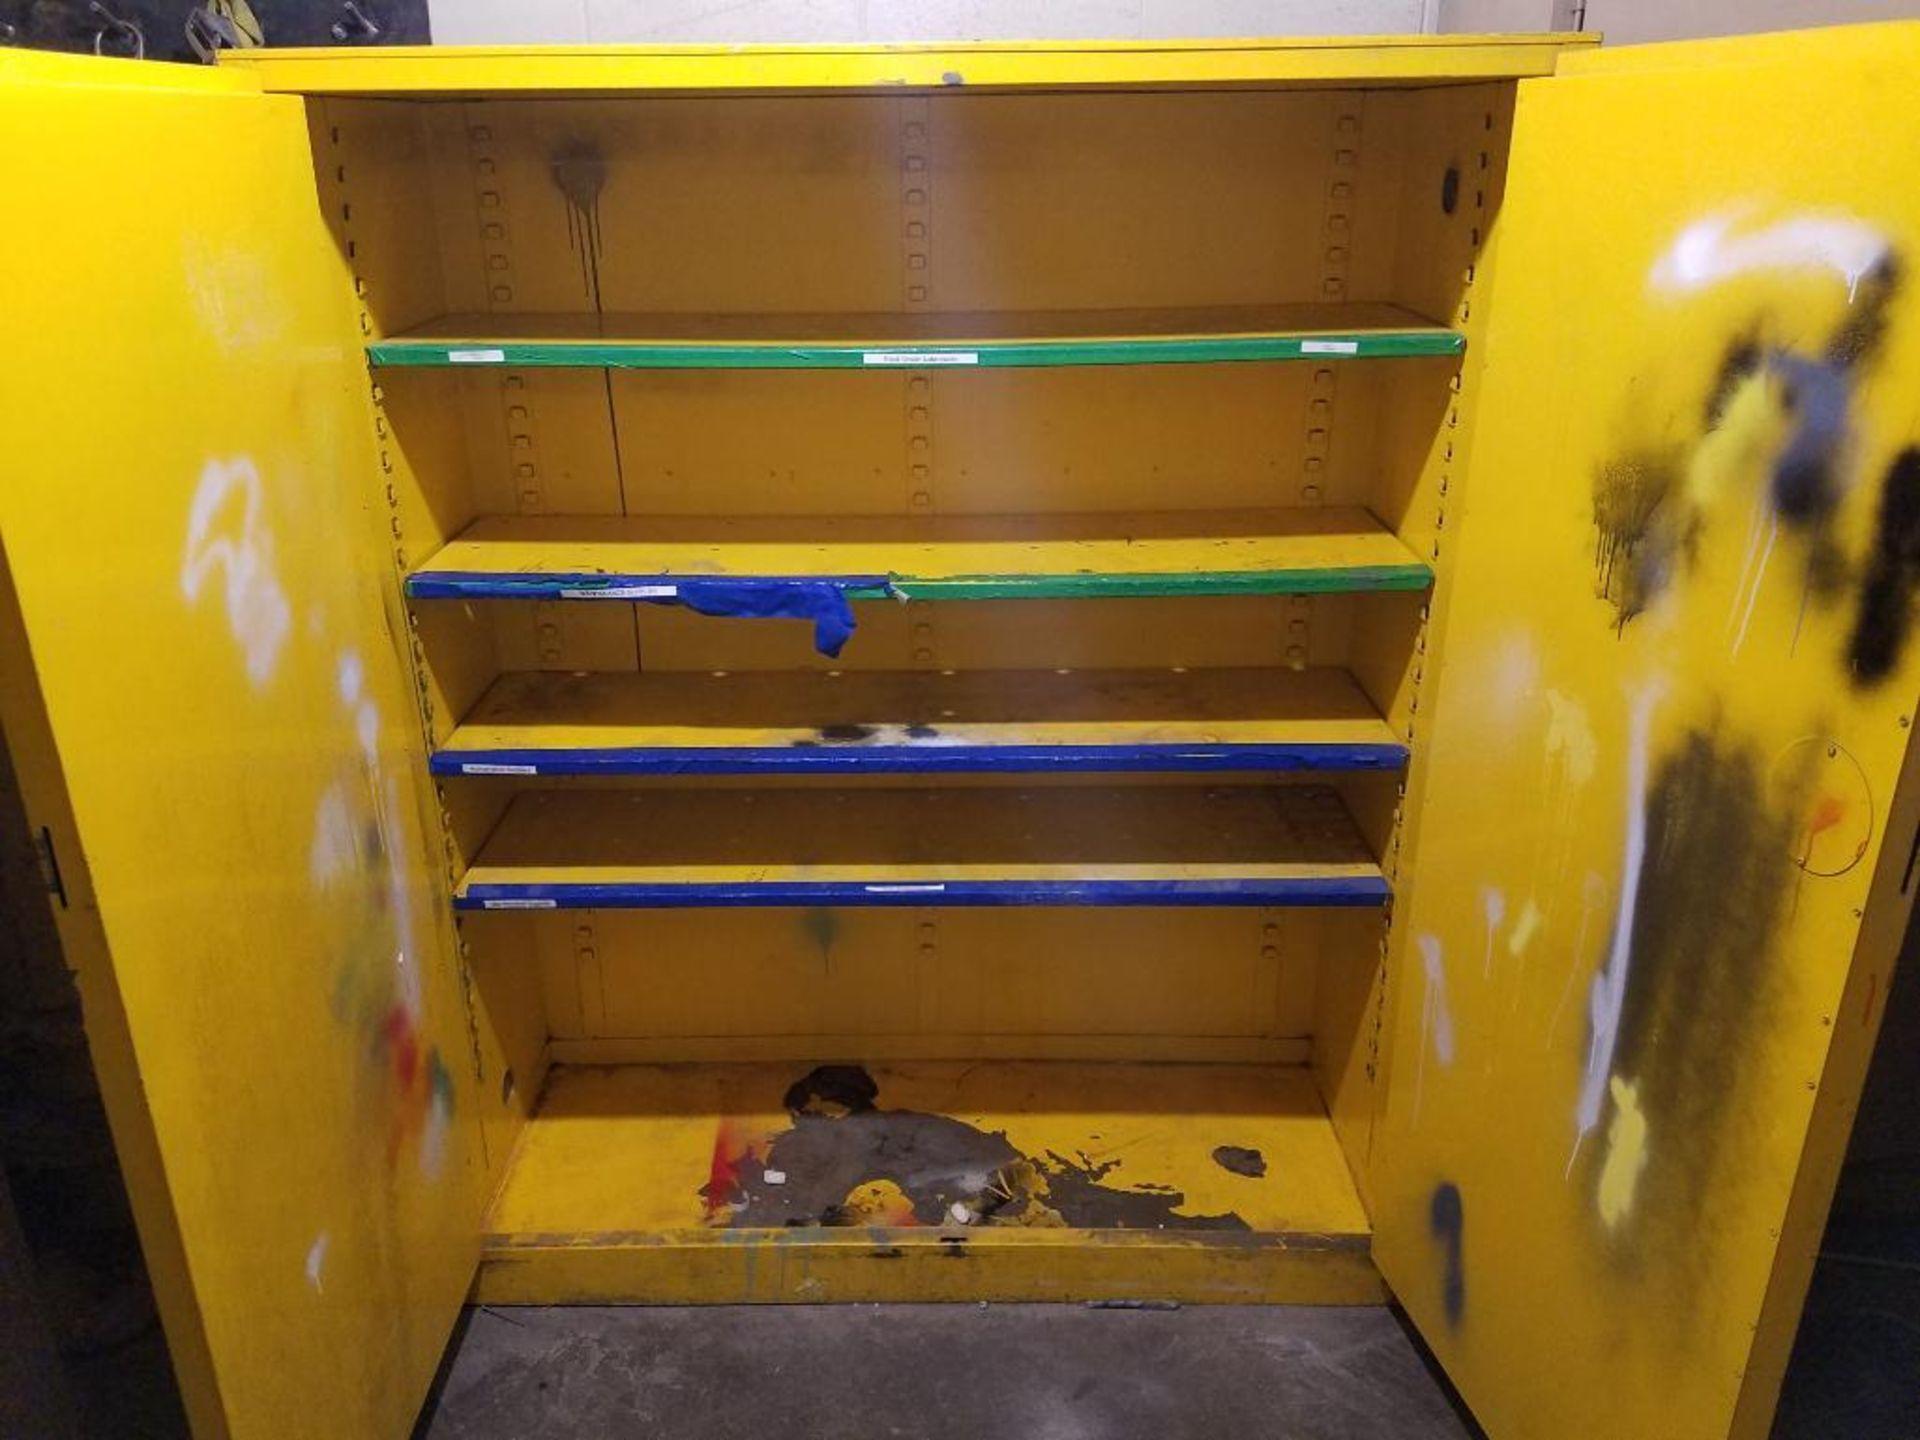 Protectoseal 2-door flammable cabinet - Image 2 of 3